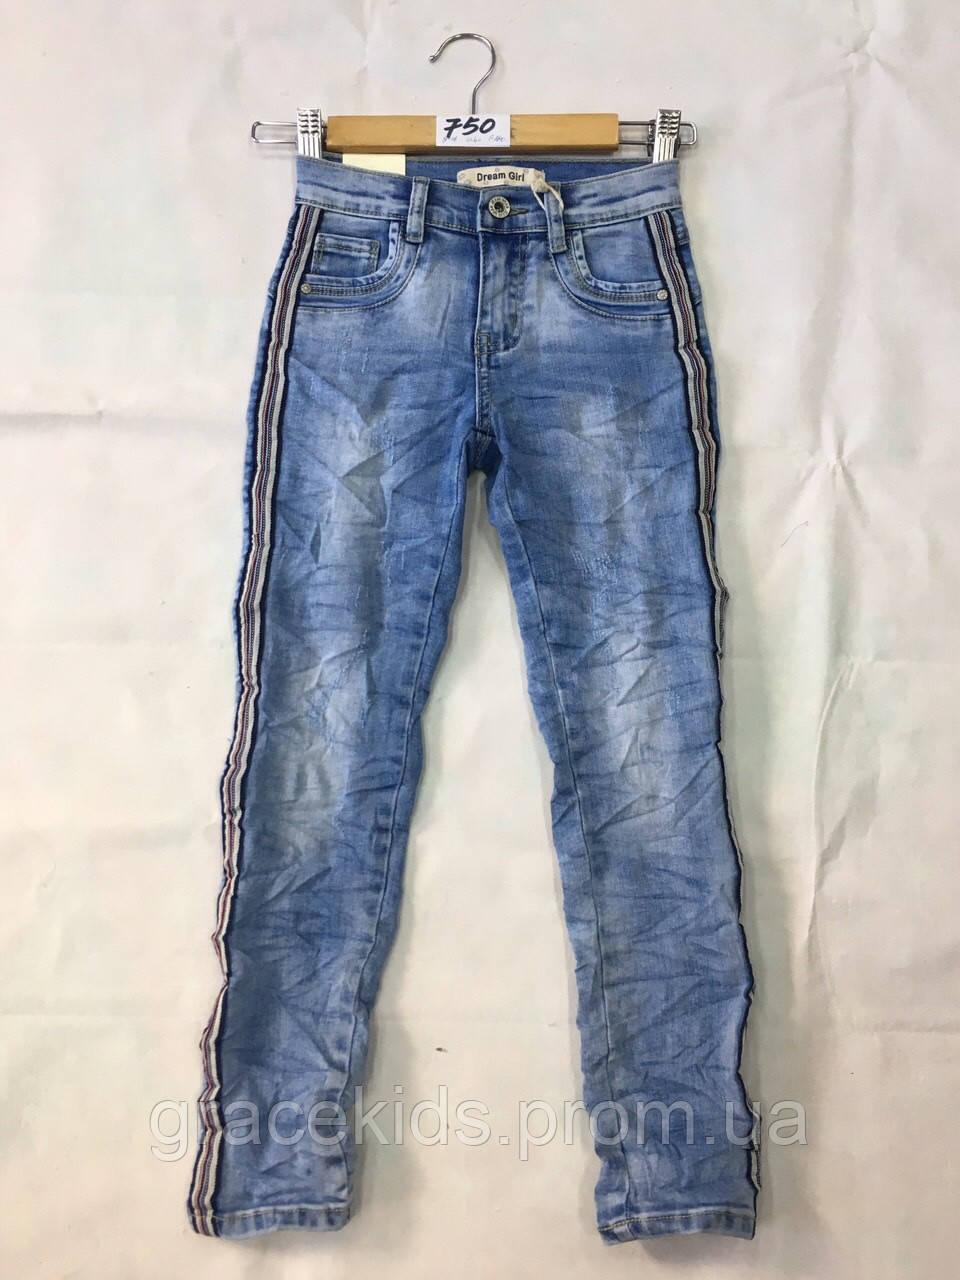 Модные джинсы для девочек с лампасами подростковые,Dream Girl